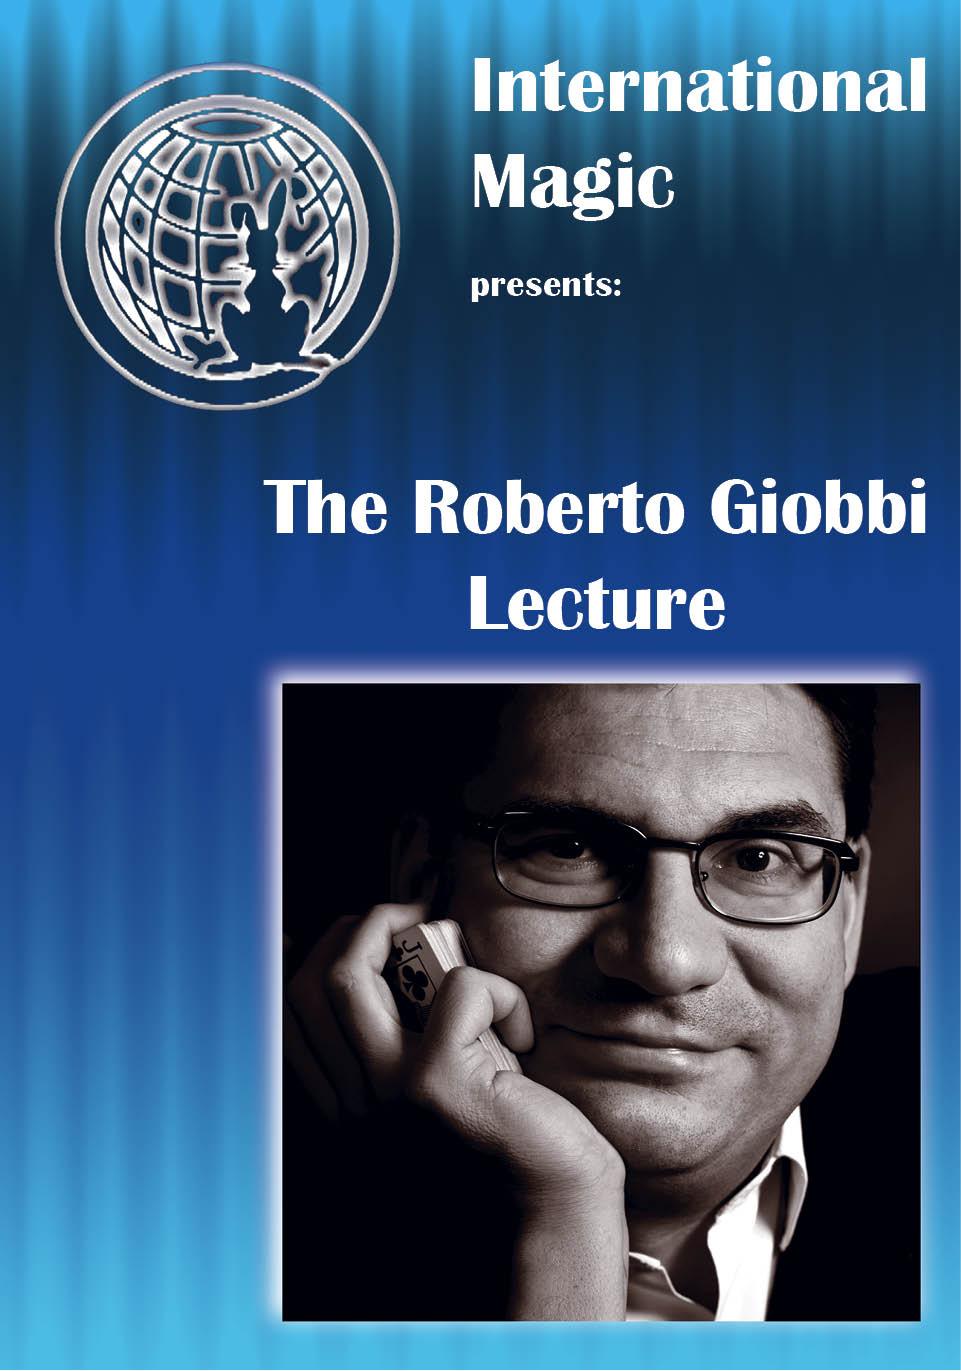 THE ROBERTO GIOBBI LECTURE (Download) – Roberto Giobbi